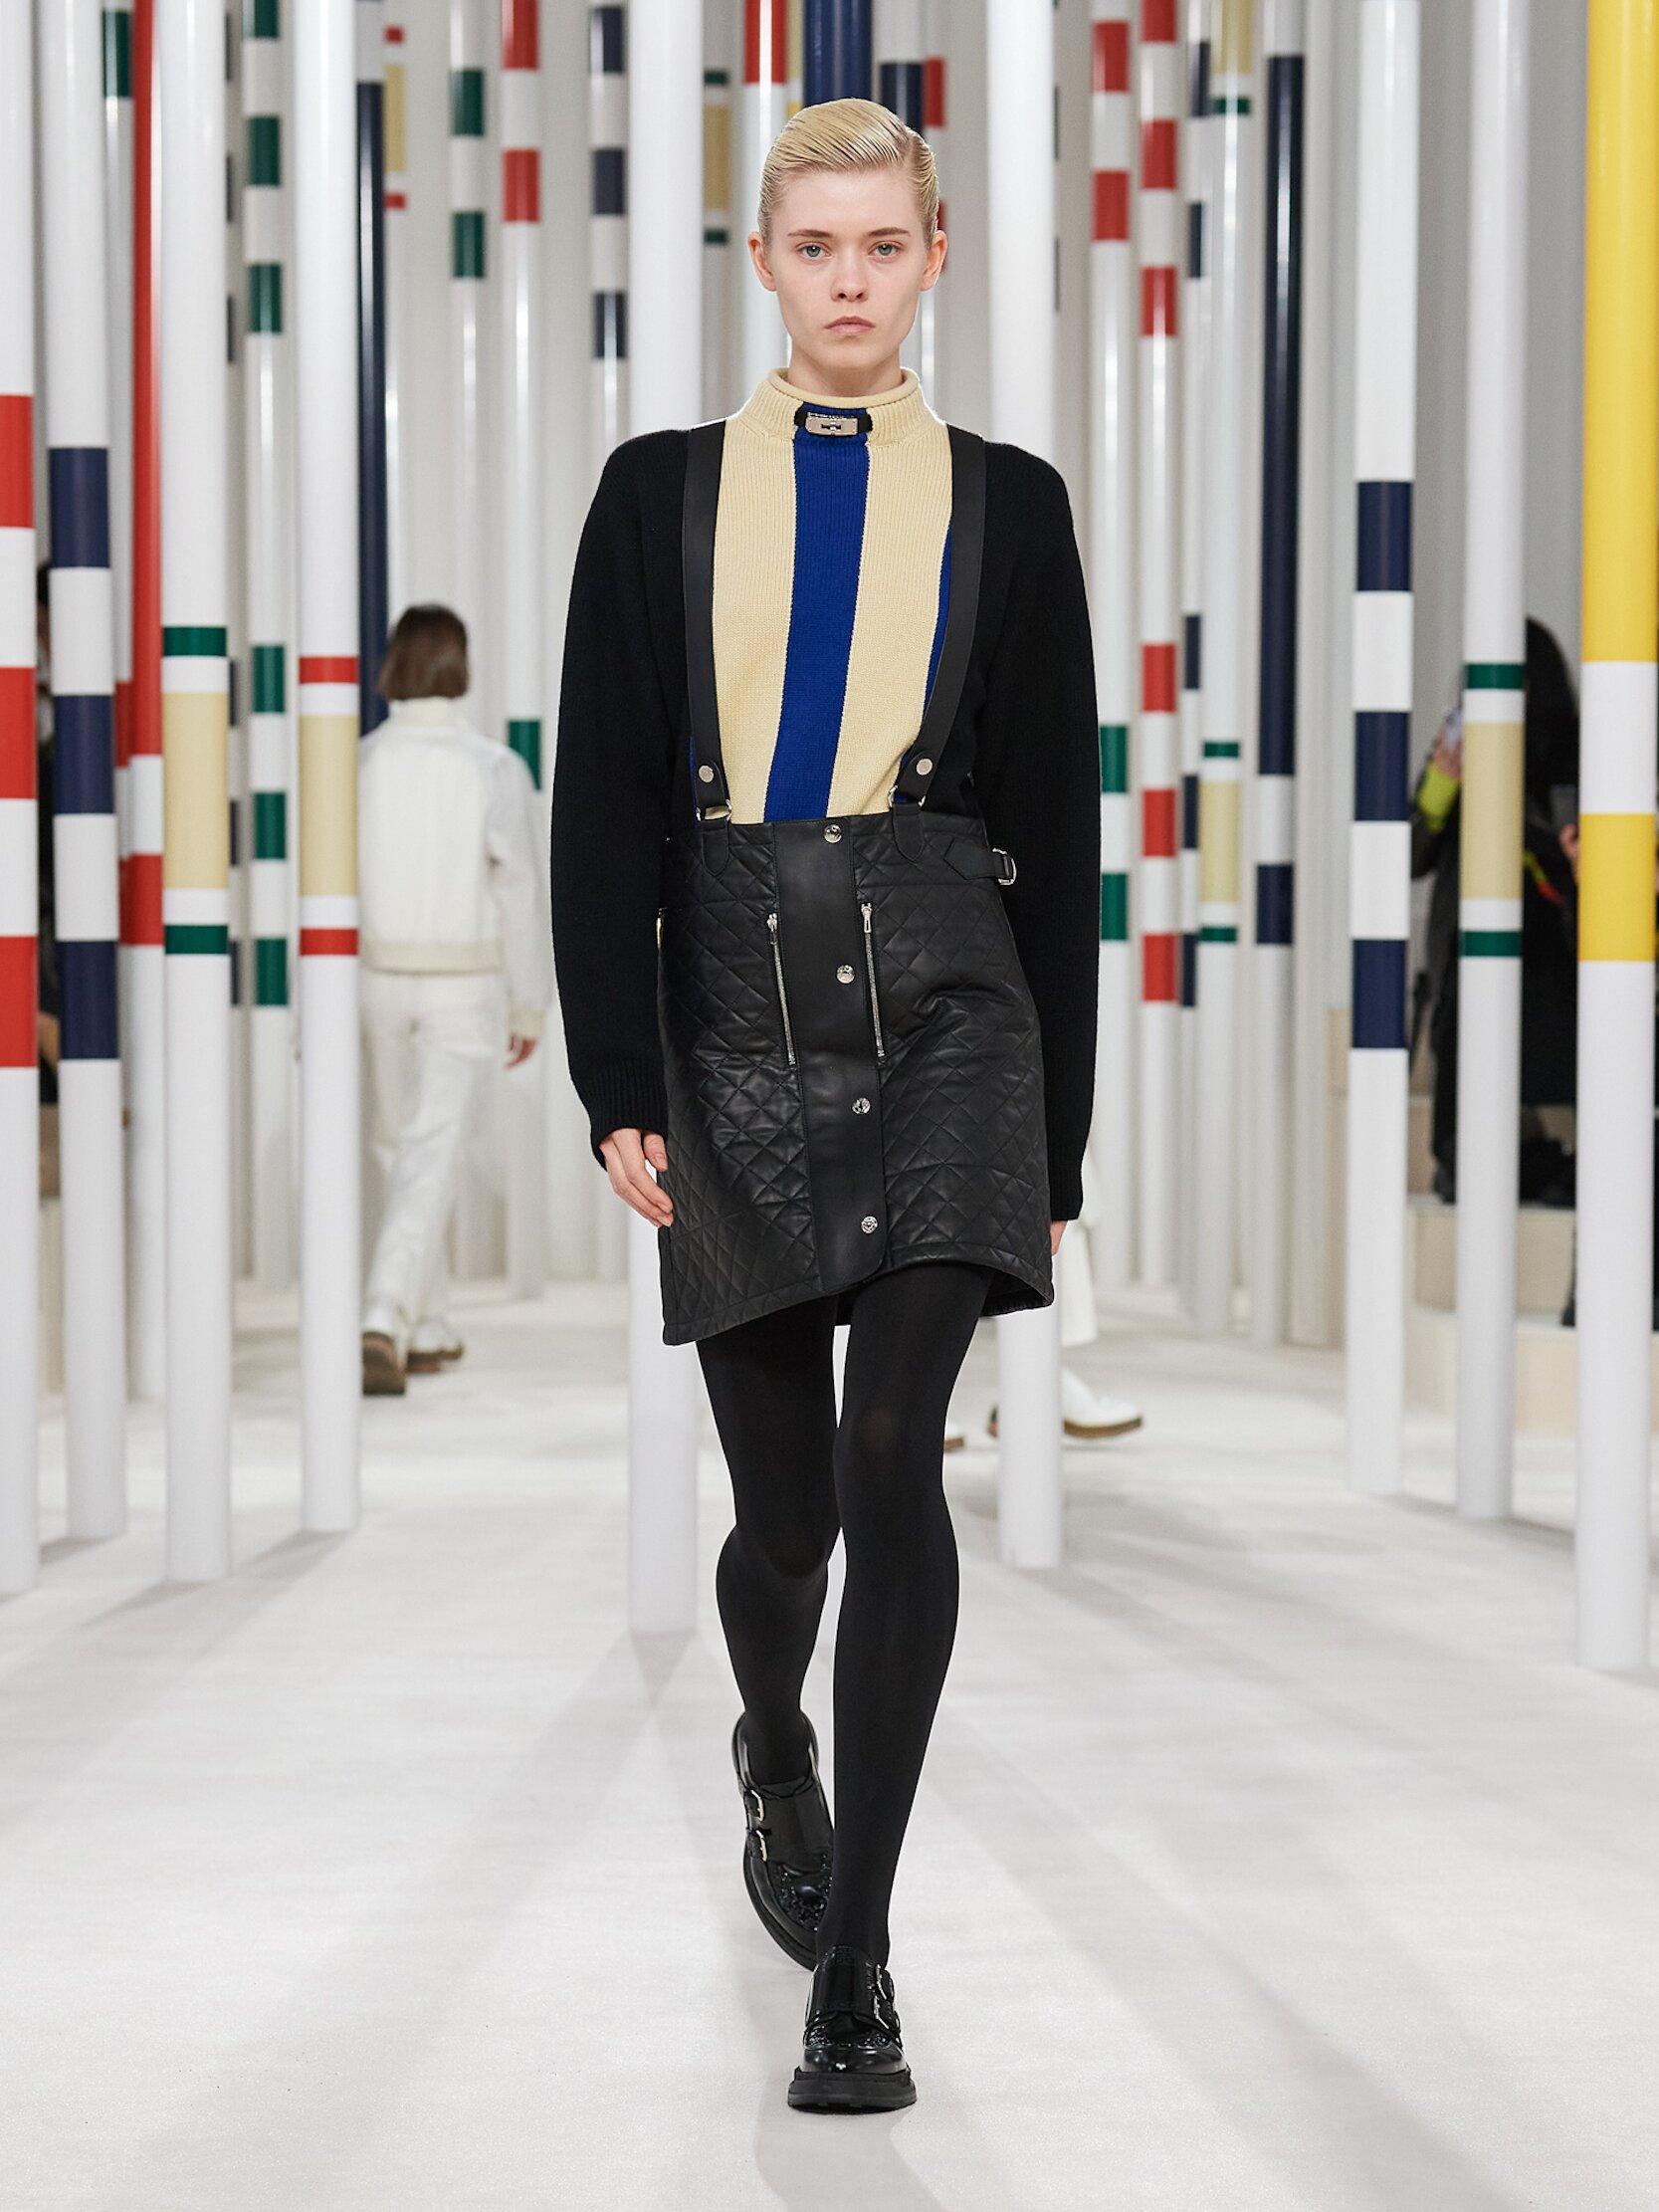 Fashion Show Woman Model Hermès Catwalk